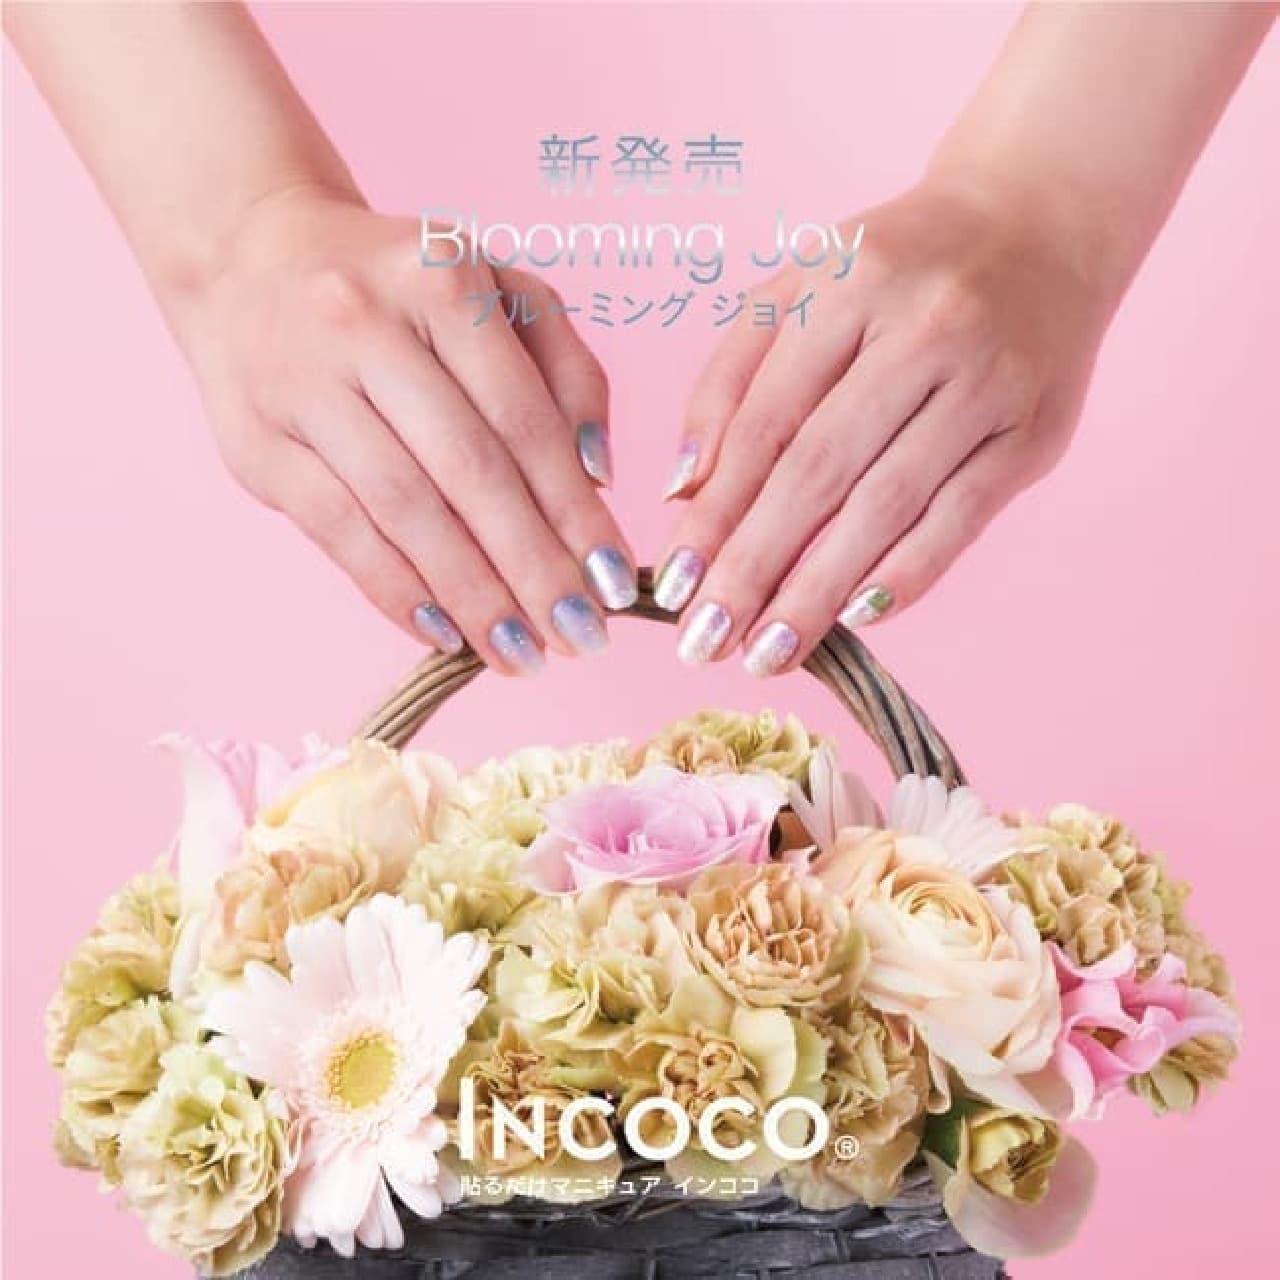 「インココ」新作「ブルーミング ジョイ」コレクション